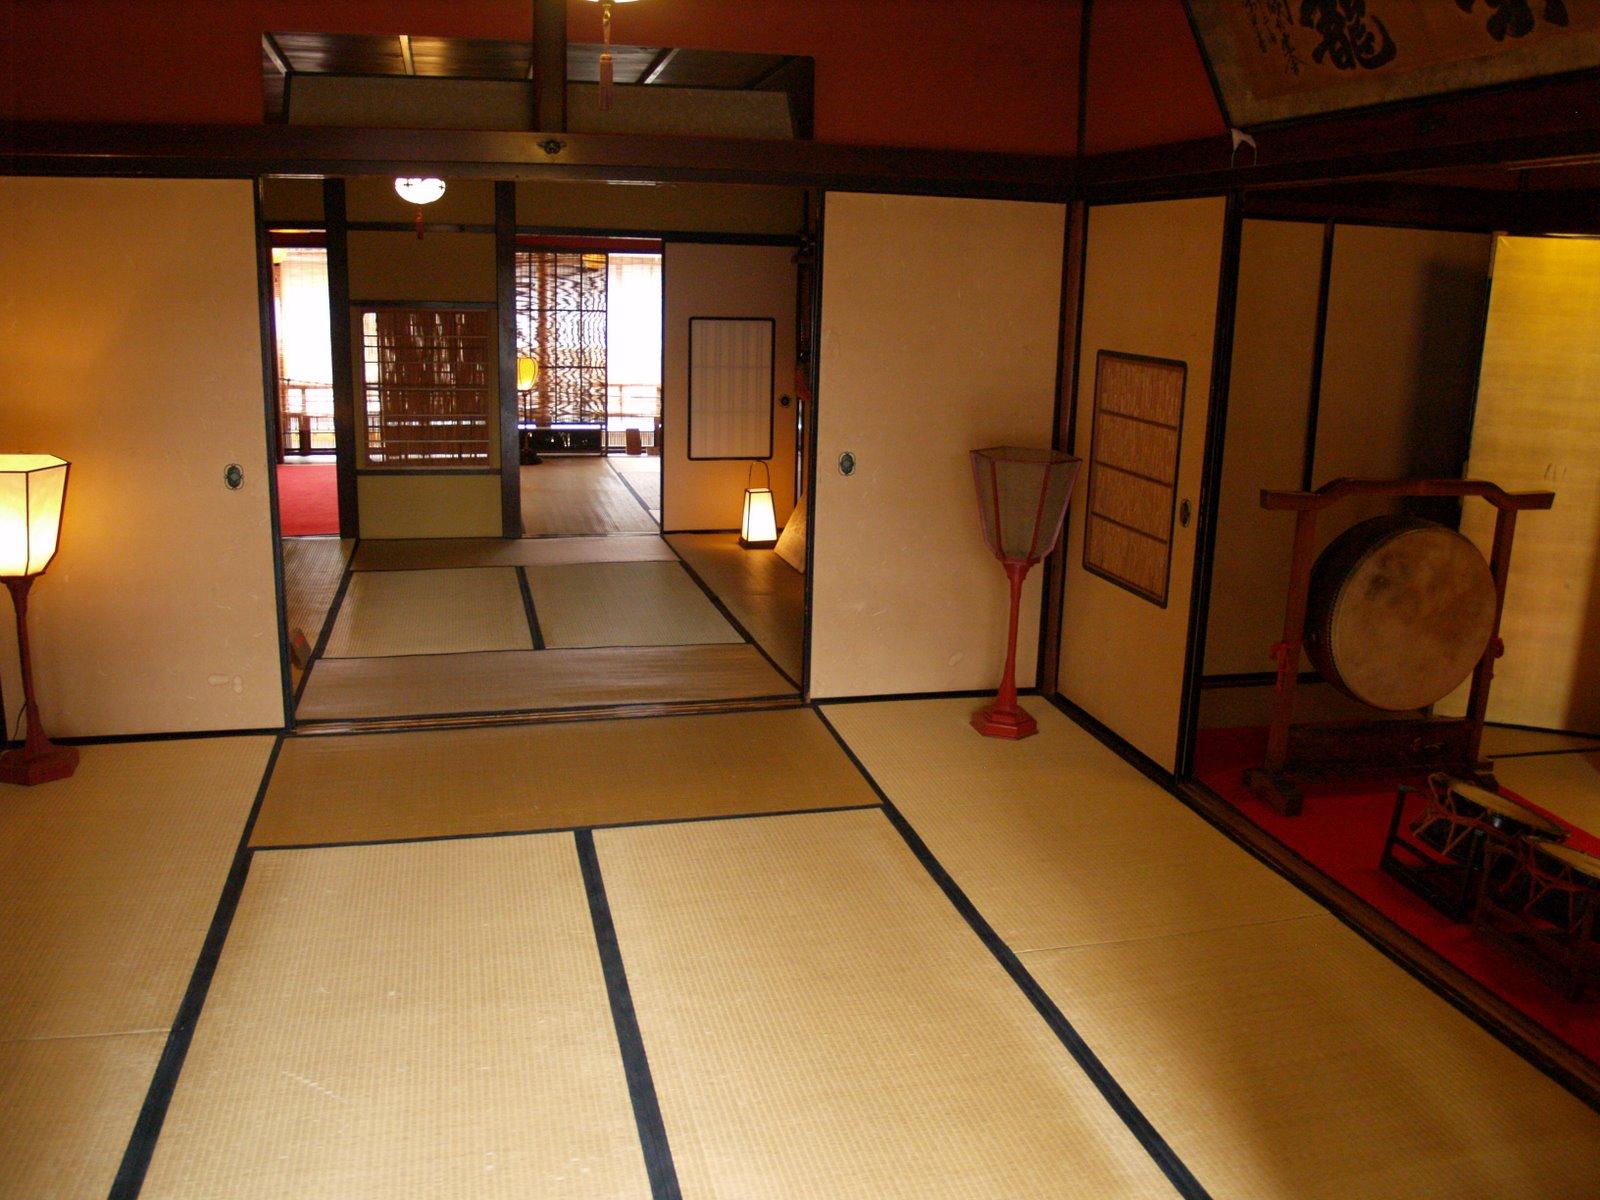 Baño Japones Tradicional:El concepto de unacasa japonesa no tiene nada que ver con una casa